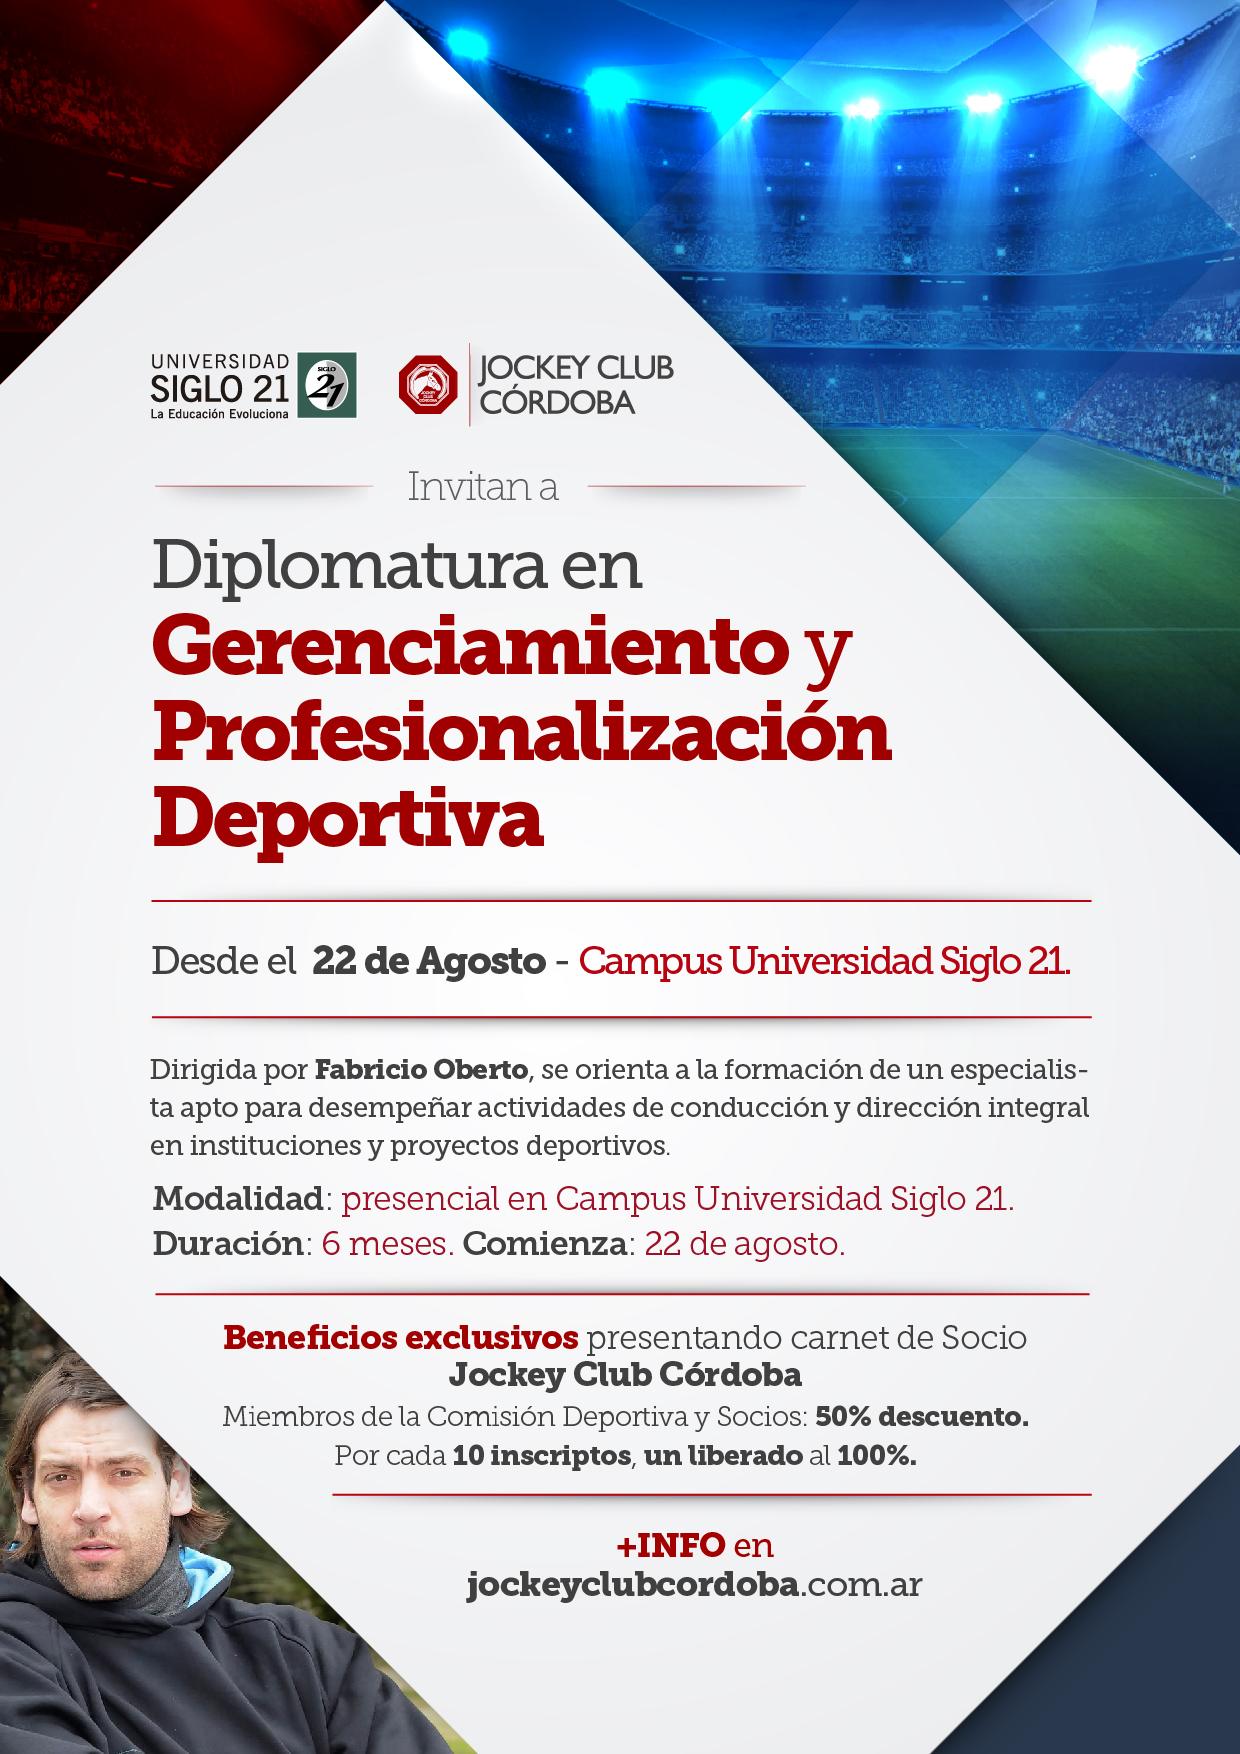 Flyer - Siglo21-Diplomatura Gerenciamiento y Profesionalización deportiva-01